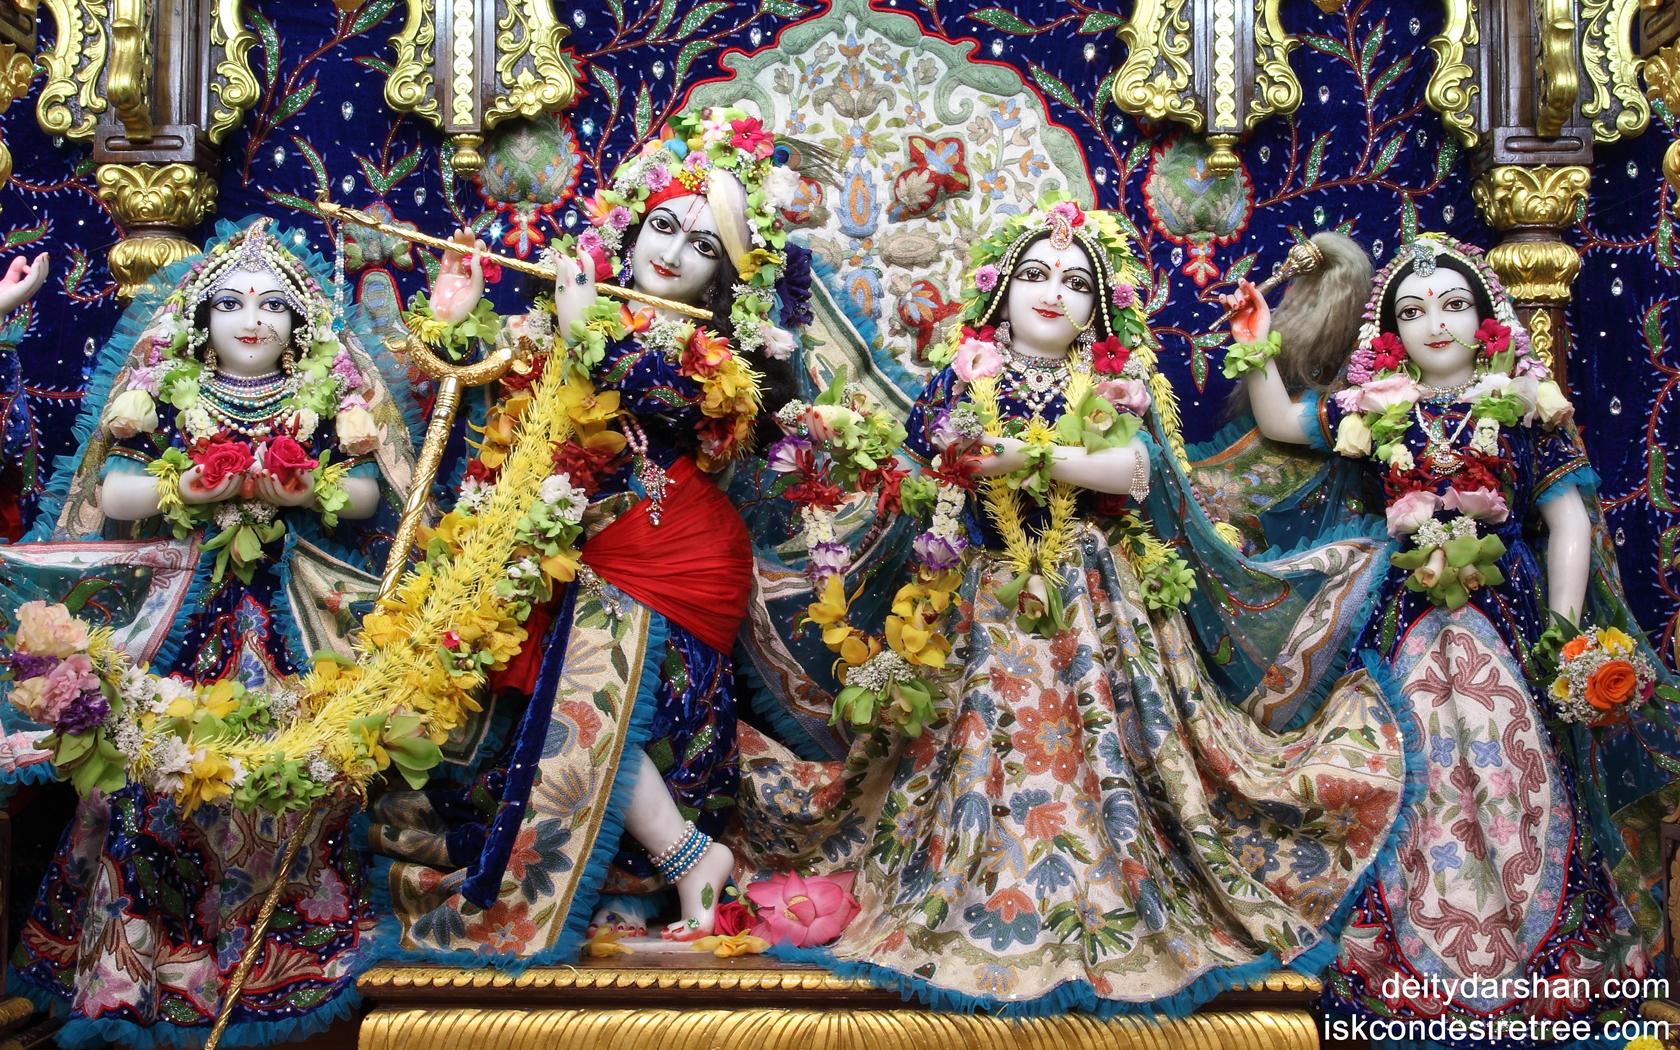 Sri Sri Radha Gopinath Lalita Vishakha Wallpaper (018) Size 1680x1050 Download